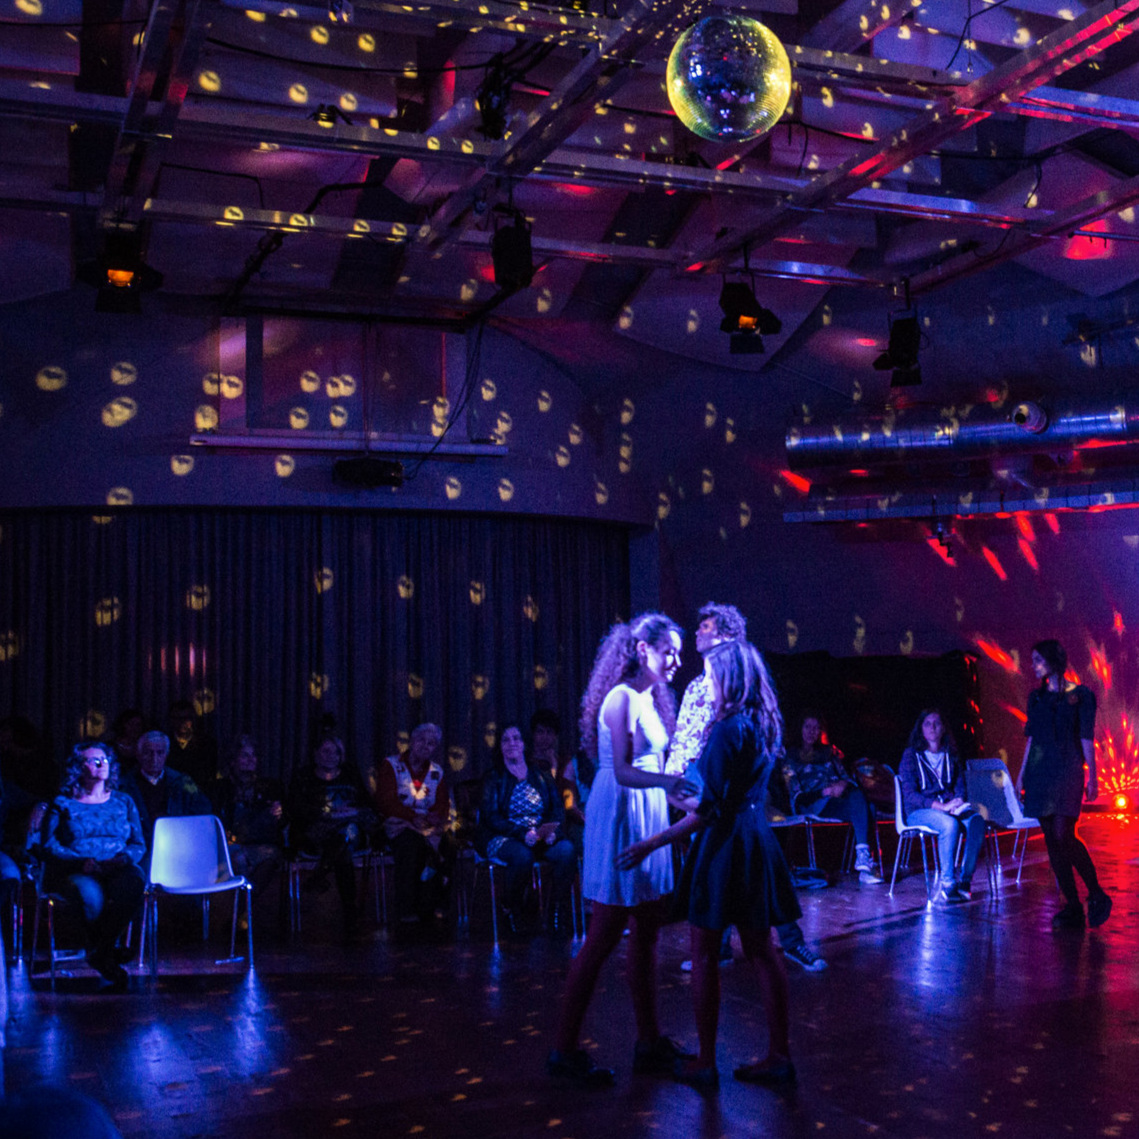 BALLROOM - Spettacolo e laboratorio di creazione coreografica condotto da Chiara Frigo